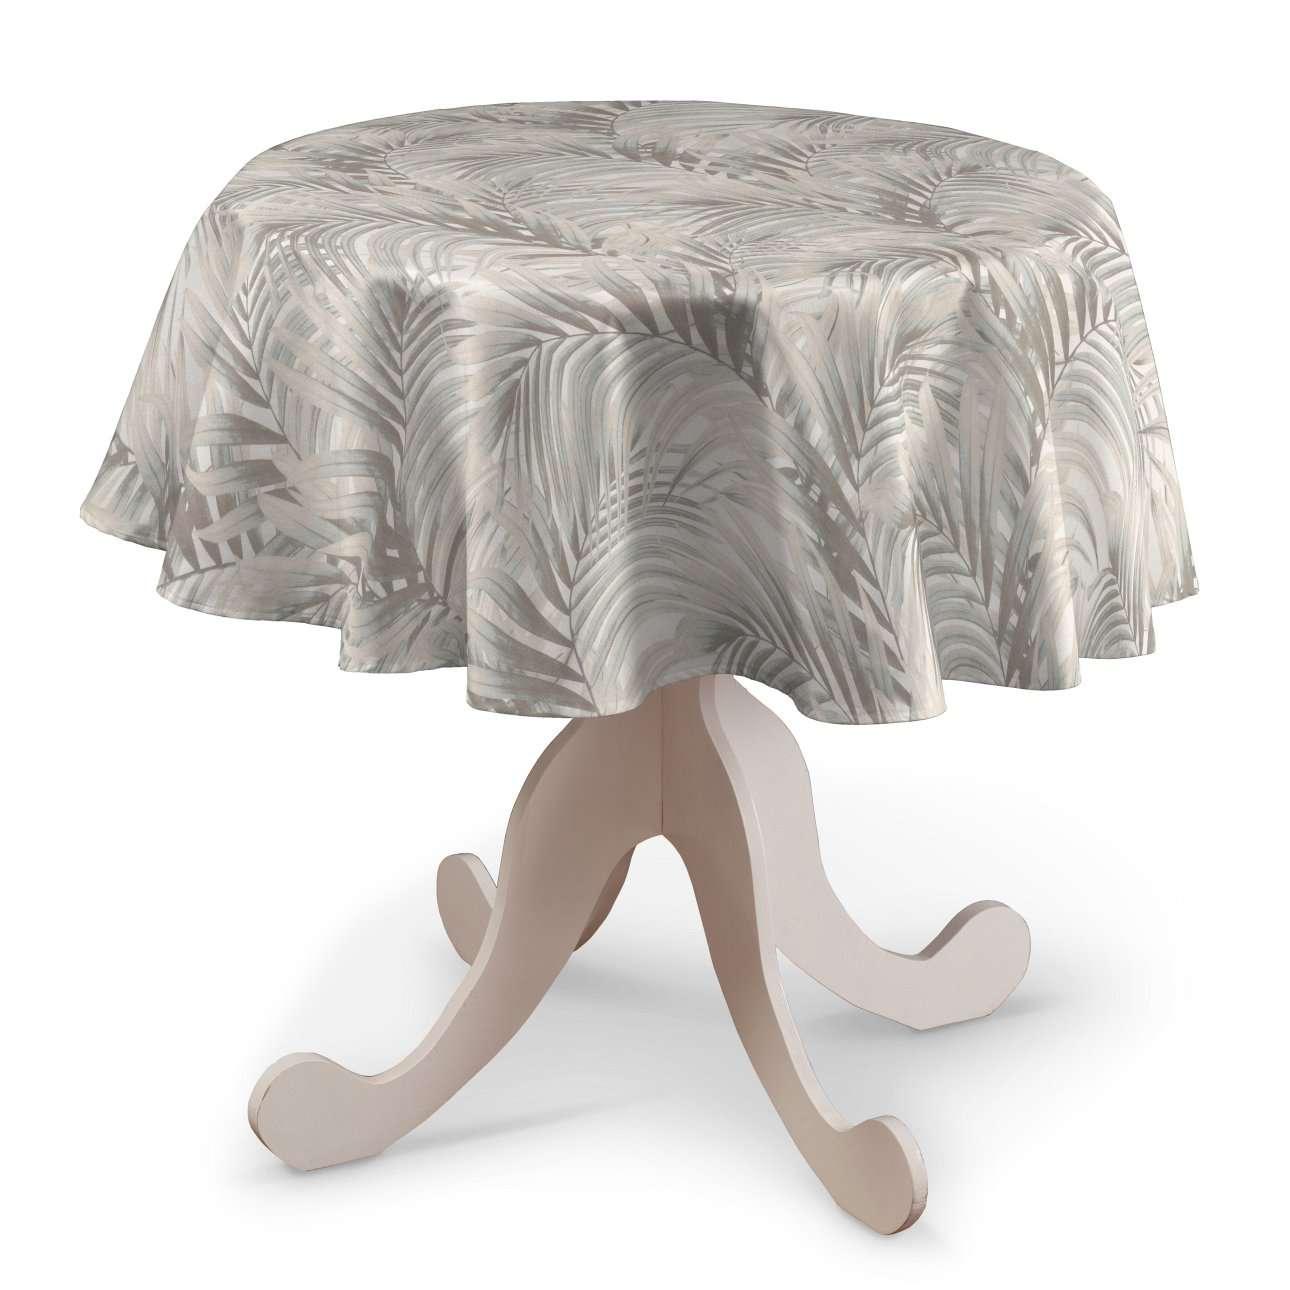 Runde Tischdecke, beige-creme, Ø 135 cm, Gardenia | Heimtextilien > Tischdecken und Co > Tischdecken | Dekoria